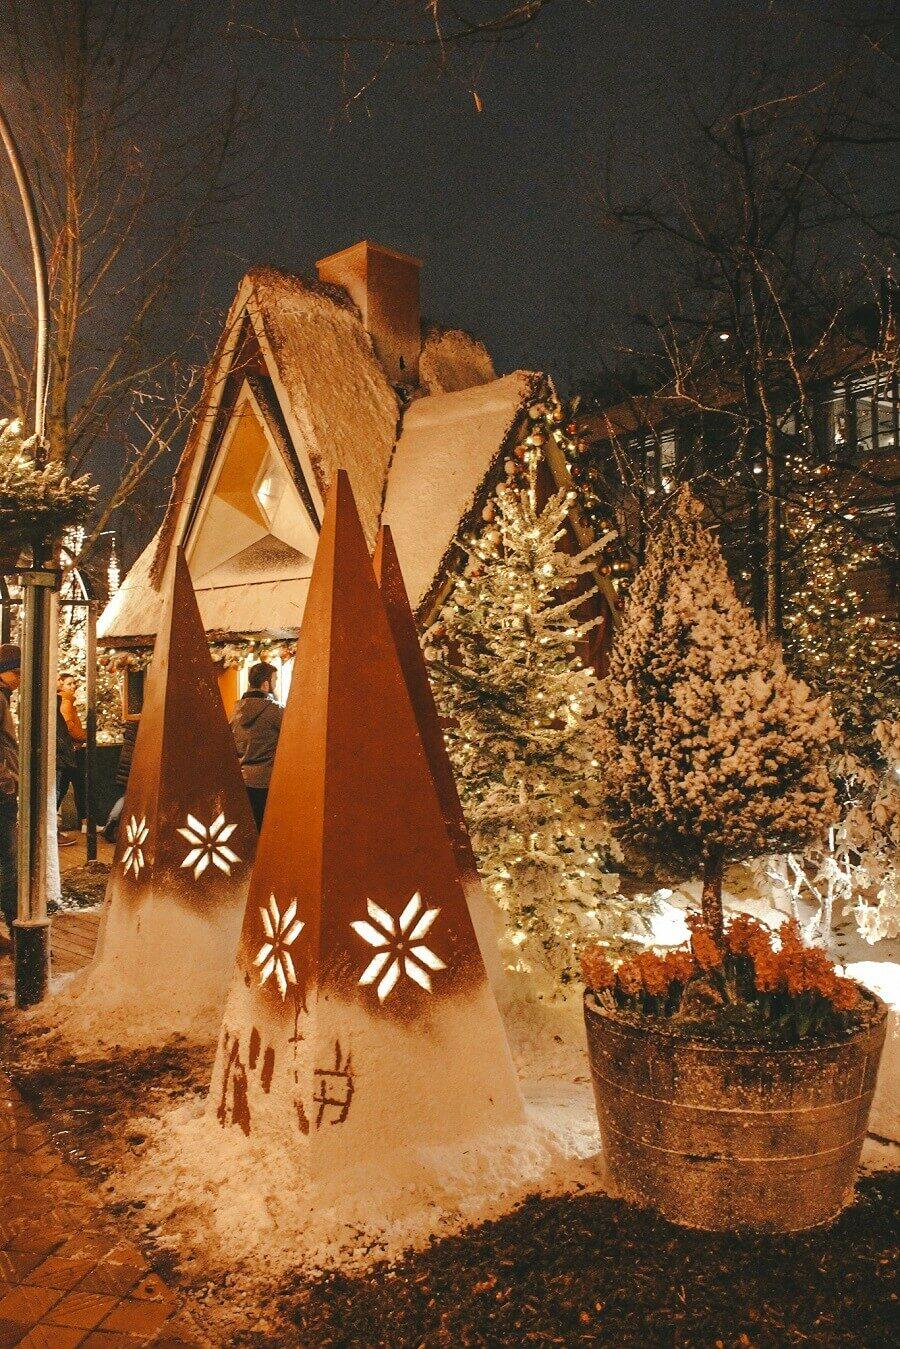 Giardini di Tivoli Natale